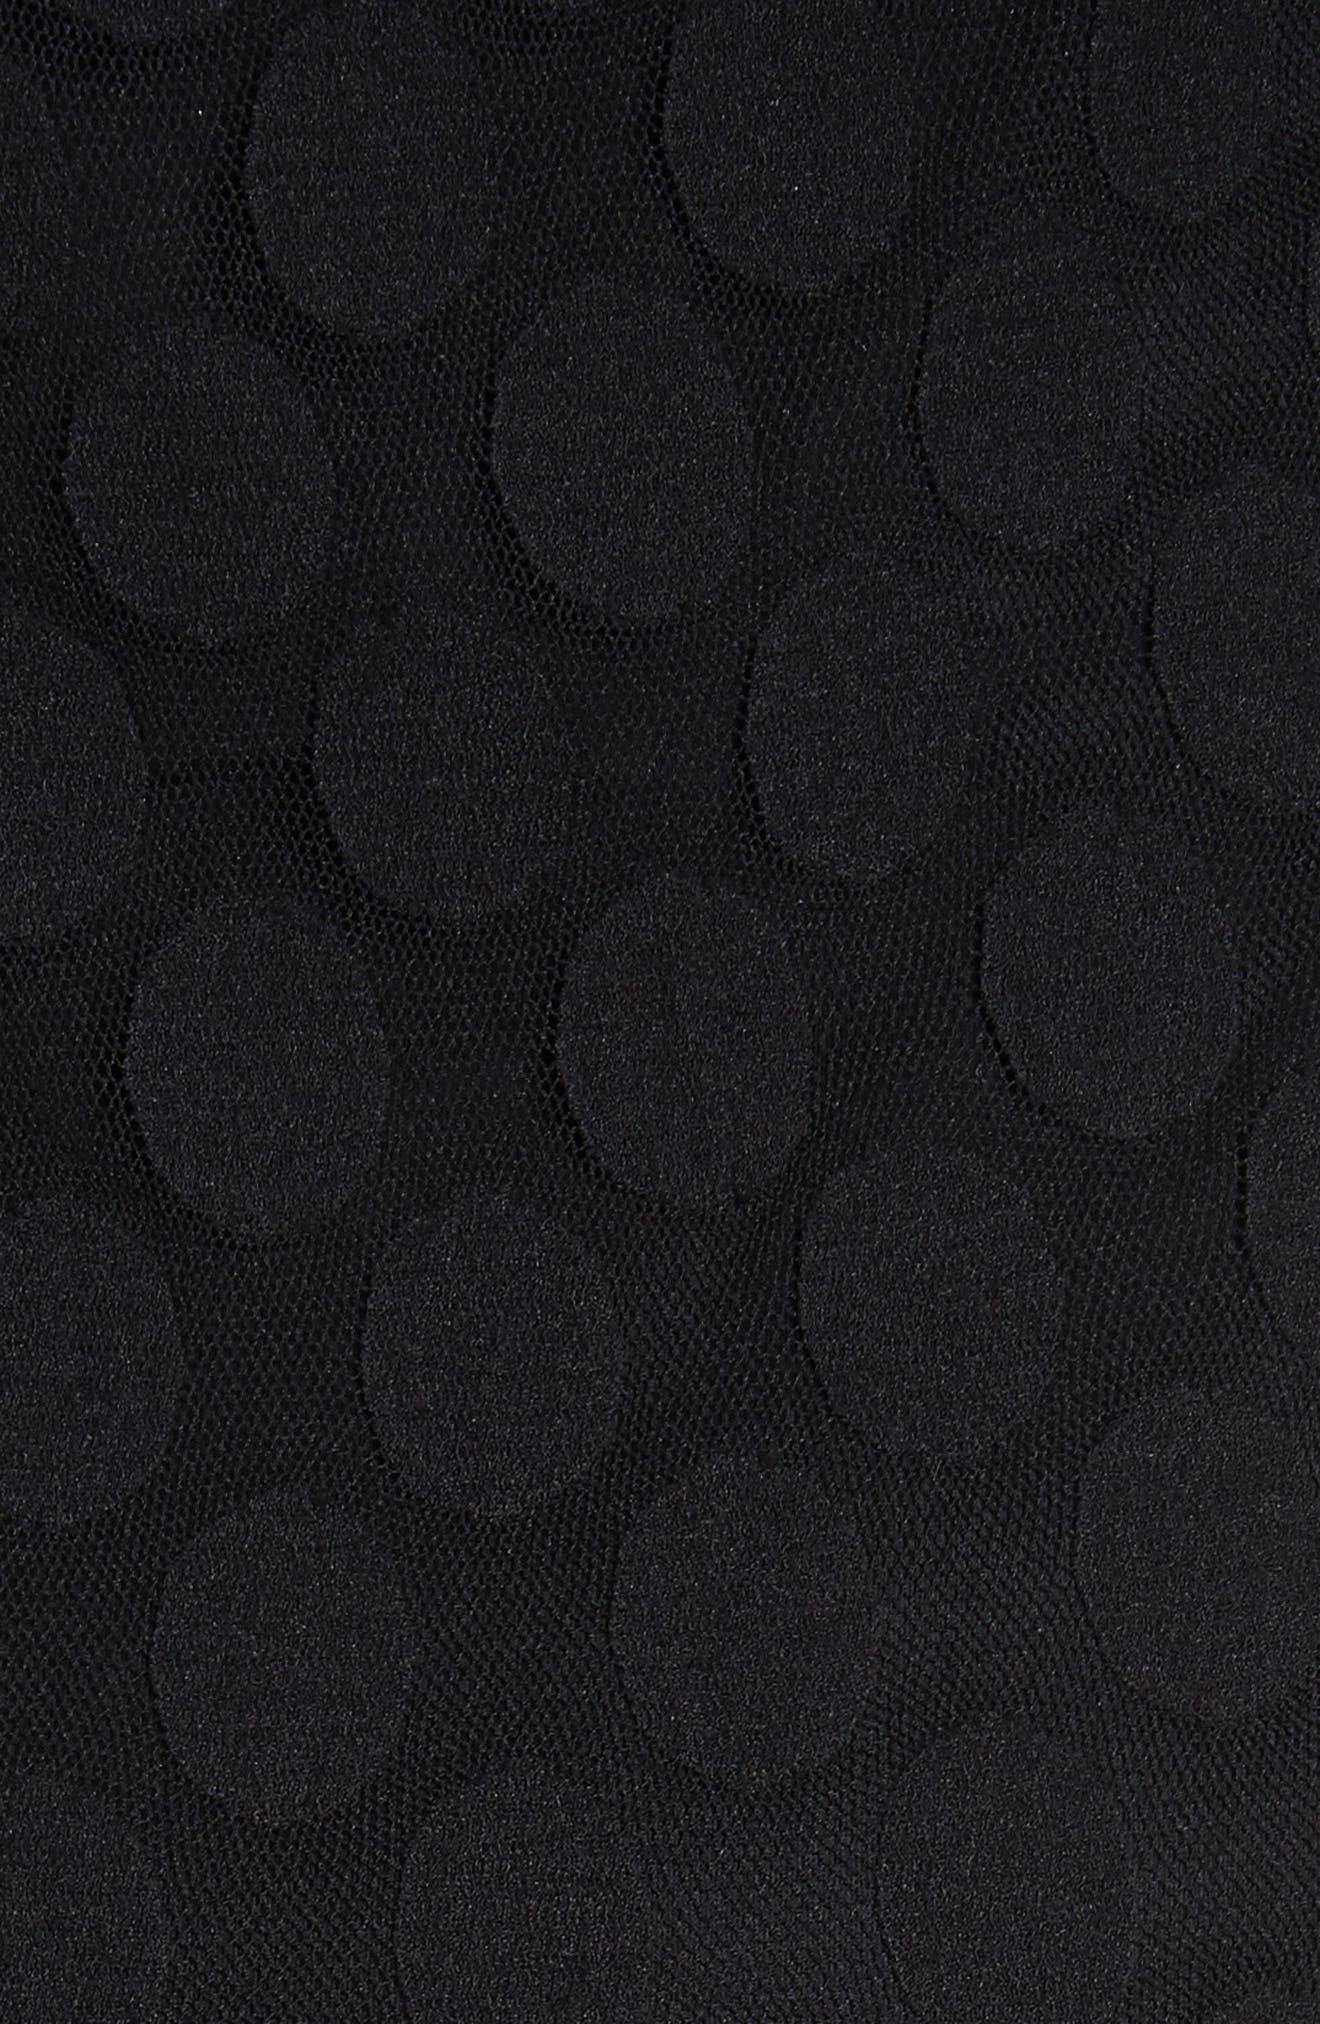 Dot Print Tulle Midi Dress,                             Alternate thumbnail 6, color,                             Nero